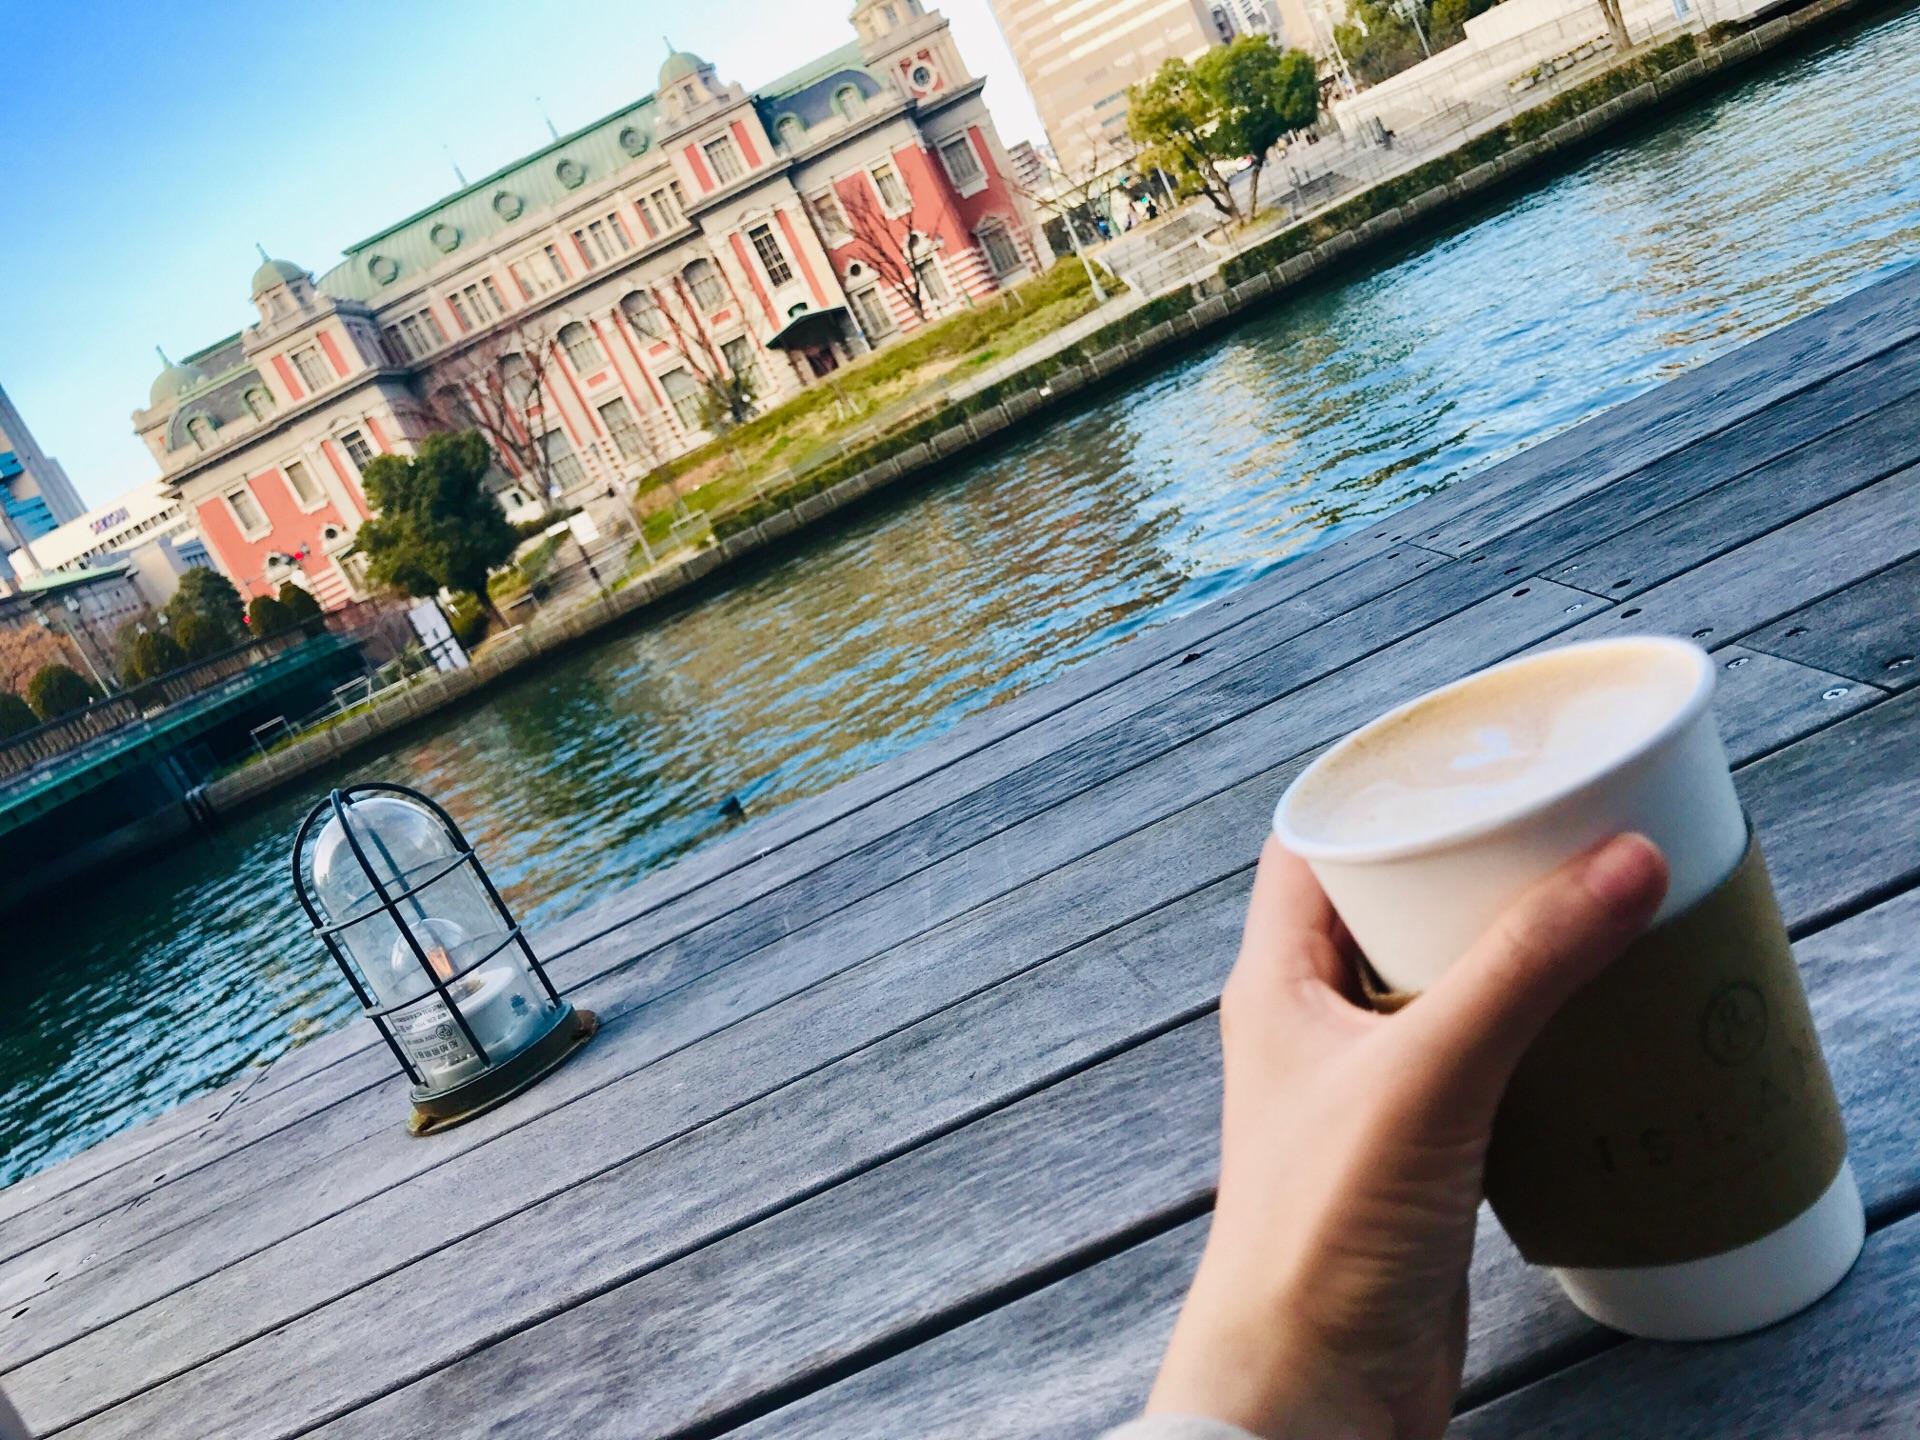 大阪・人気エリア「北浜」の注目カフェ❤︎川沿いでテラスからの眺めが最高なんです♡_4